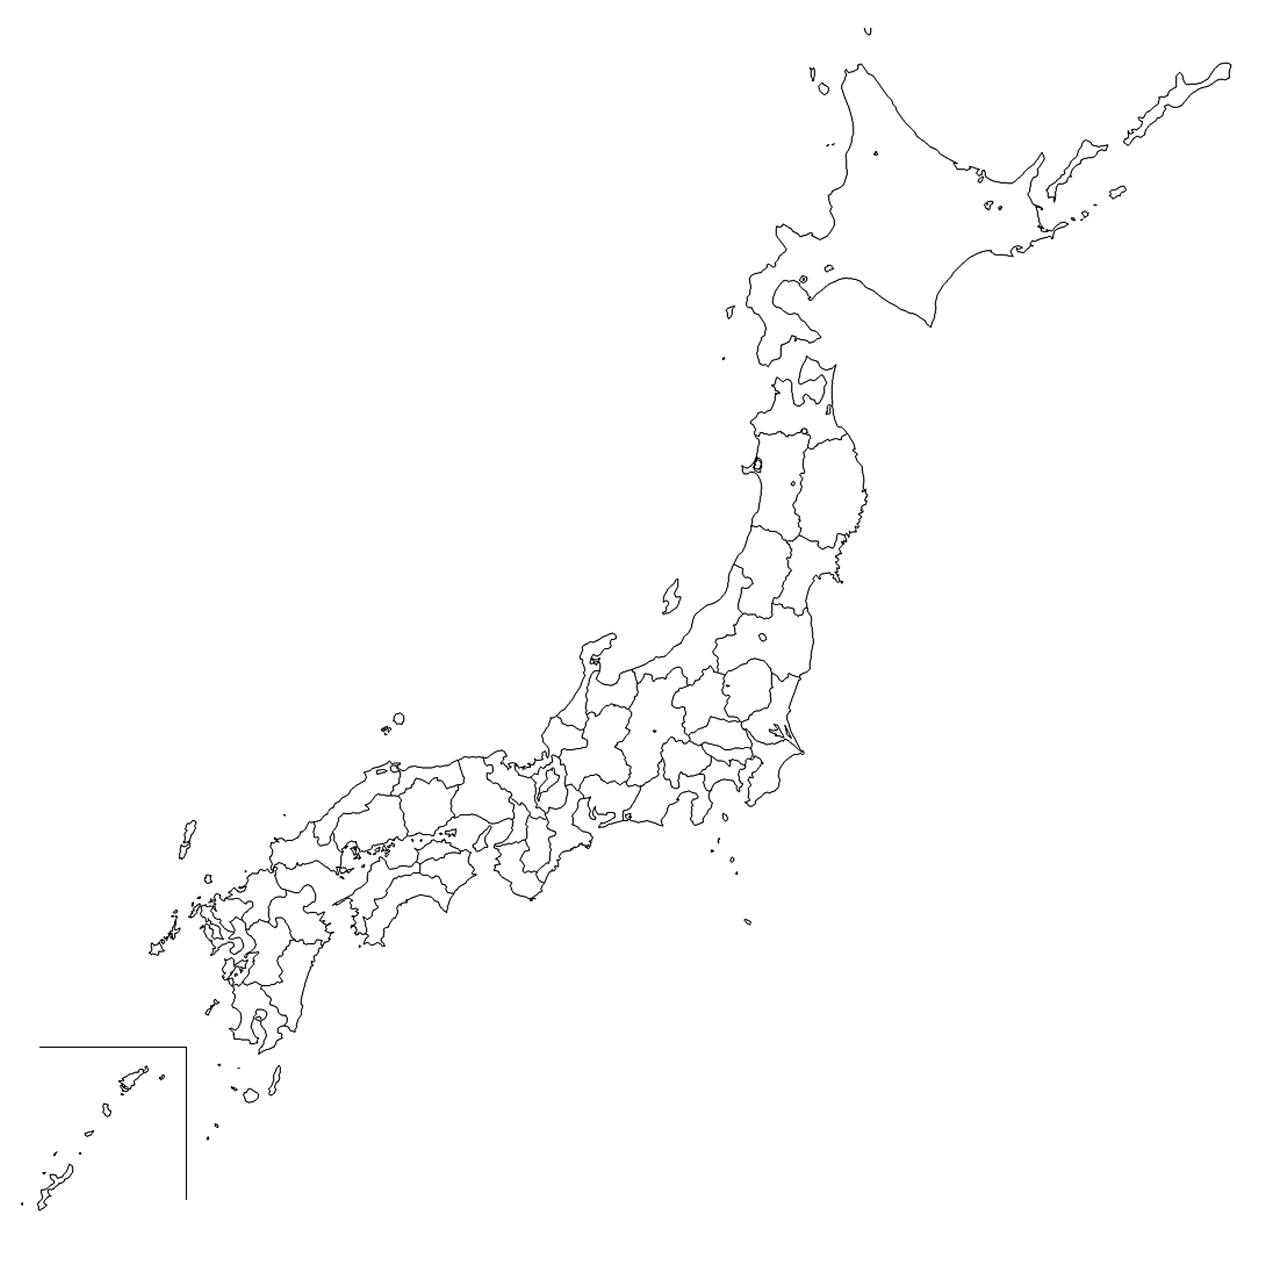 日本地図イラスト集 - 白地図 ...